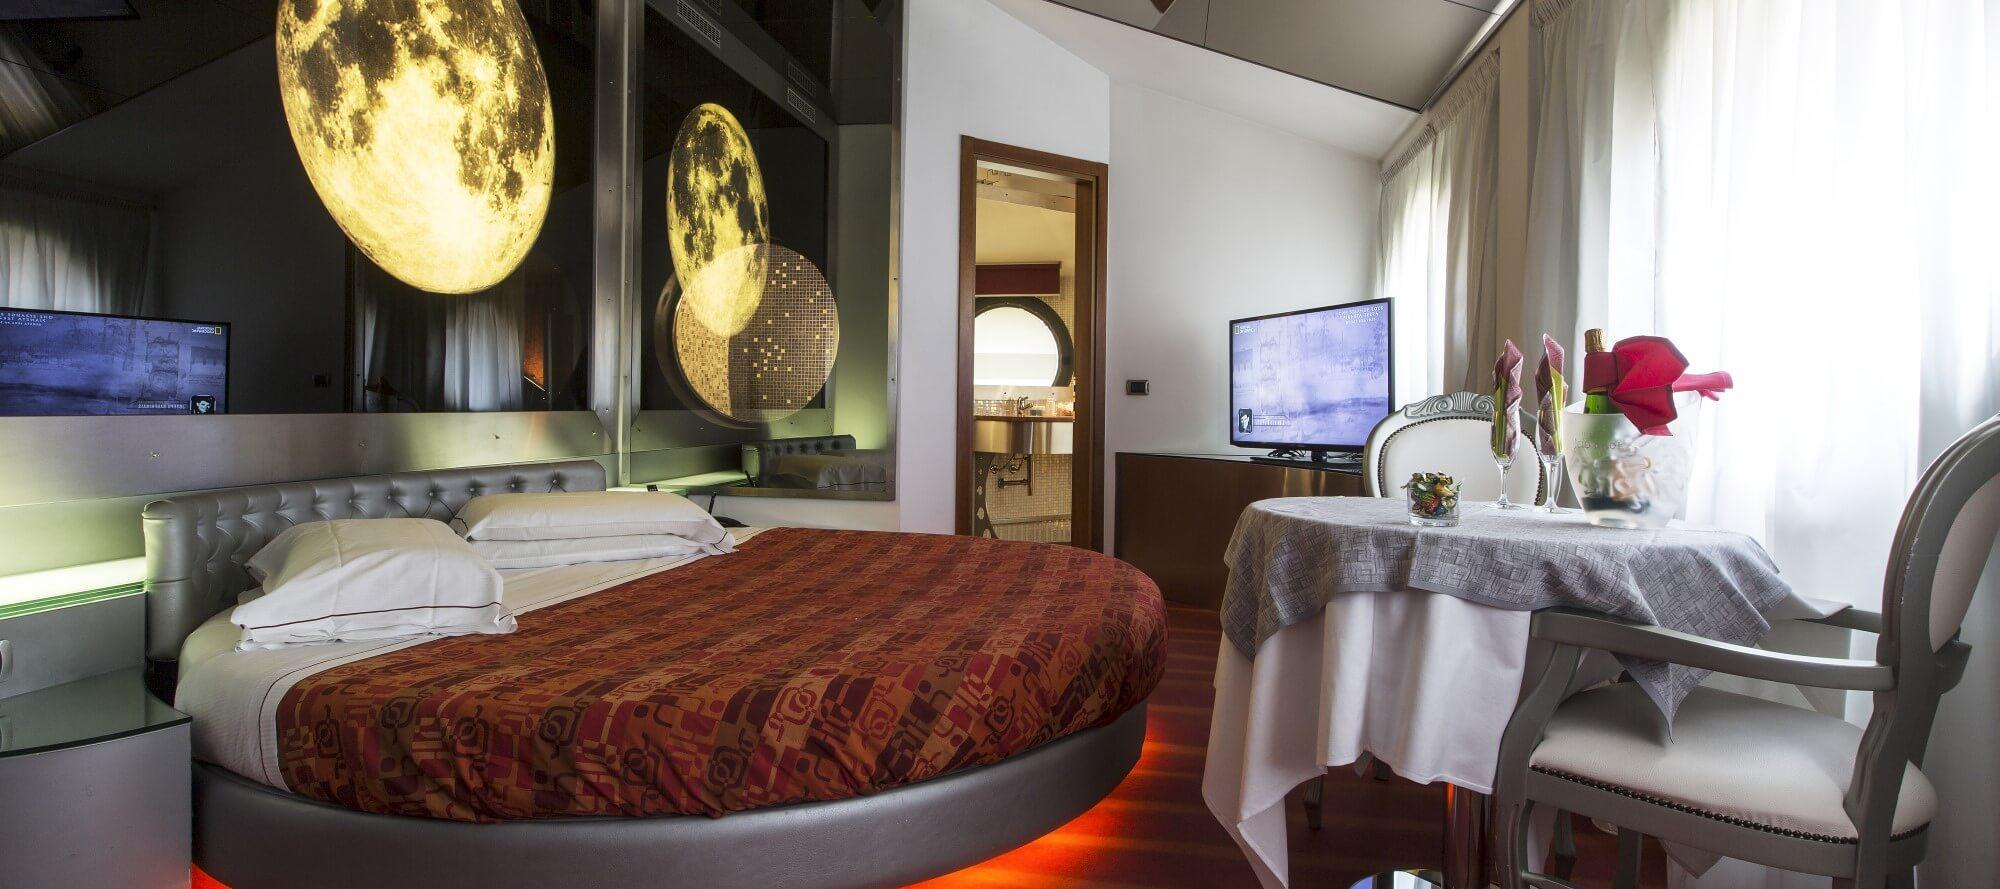 Camera Da Letto Con Specchio Sul Soffitto.Motel K Luna